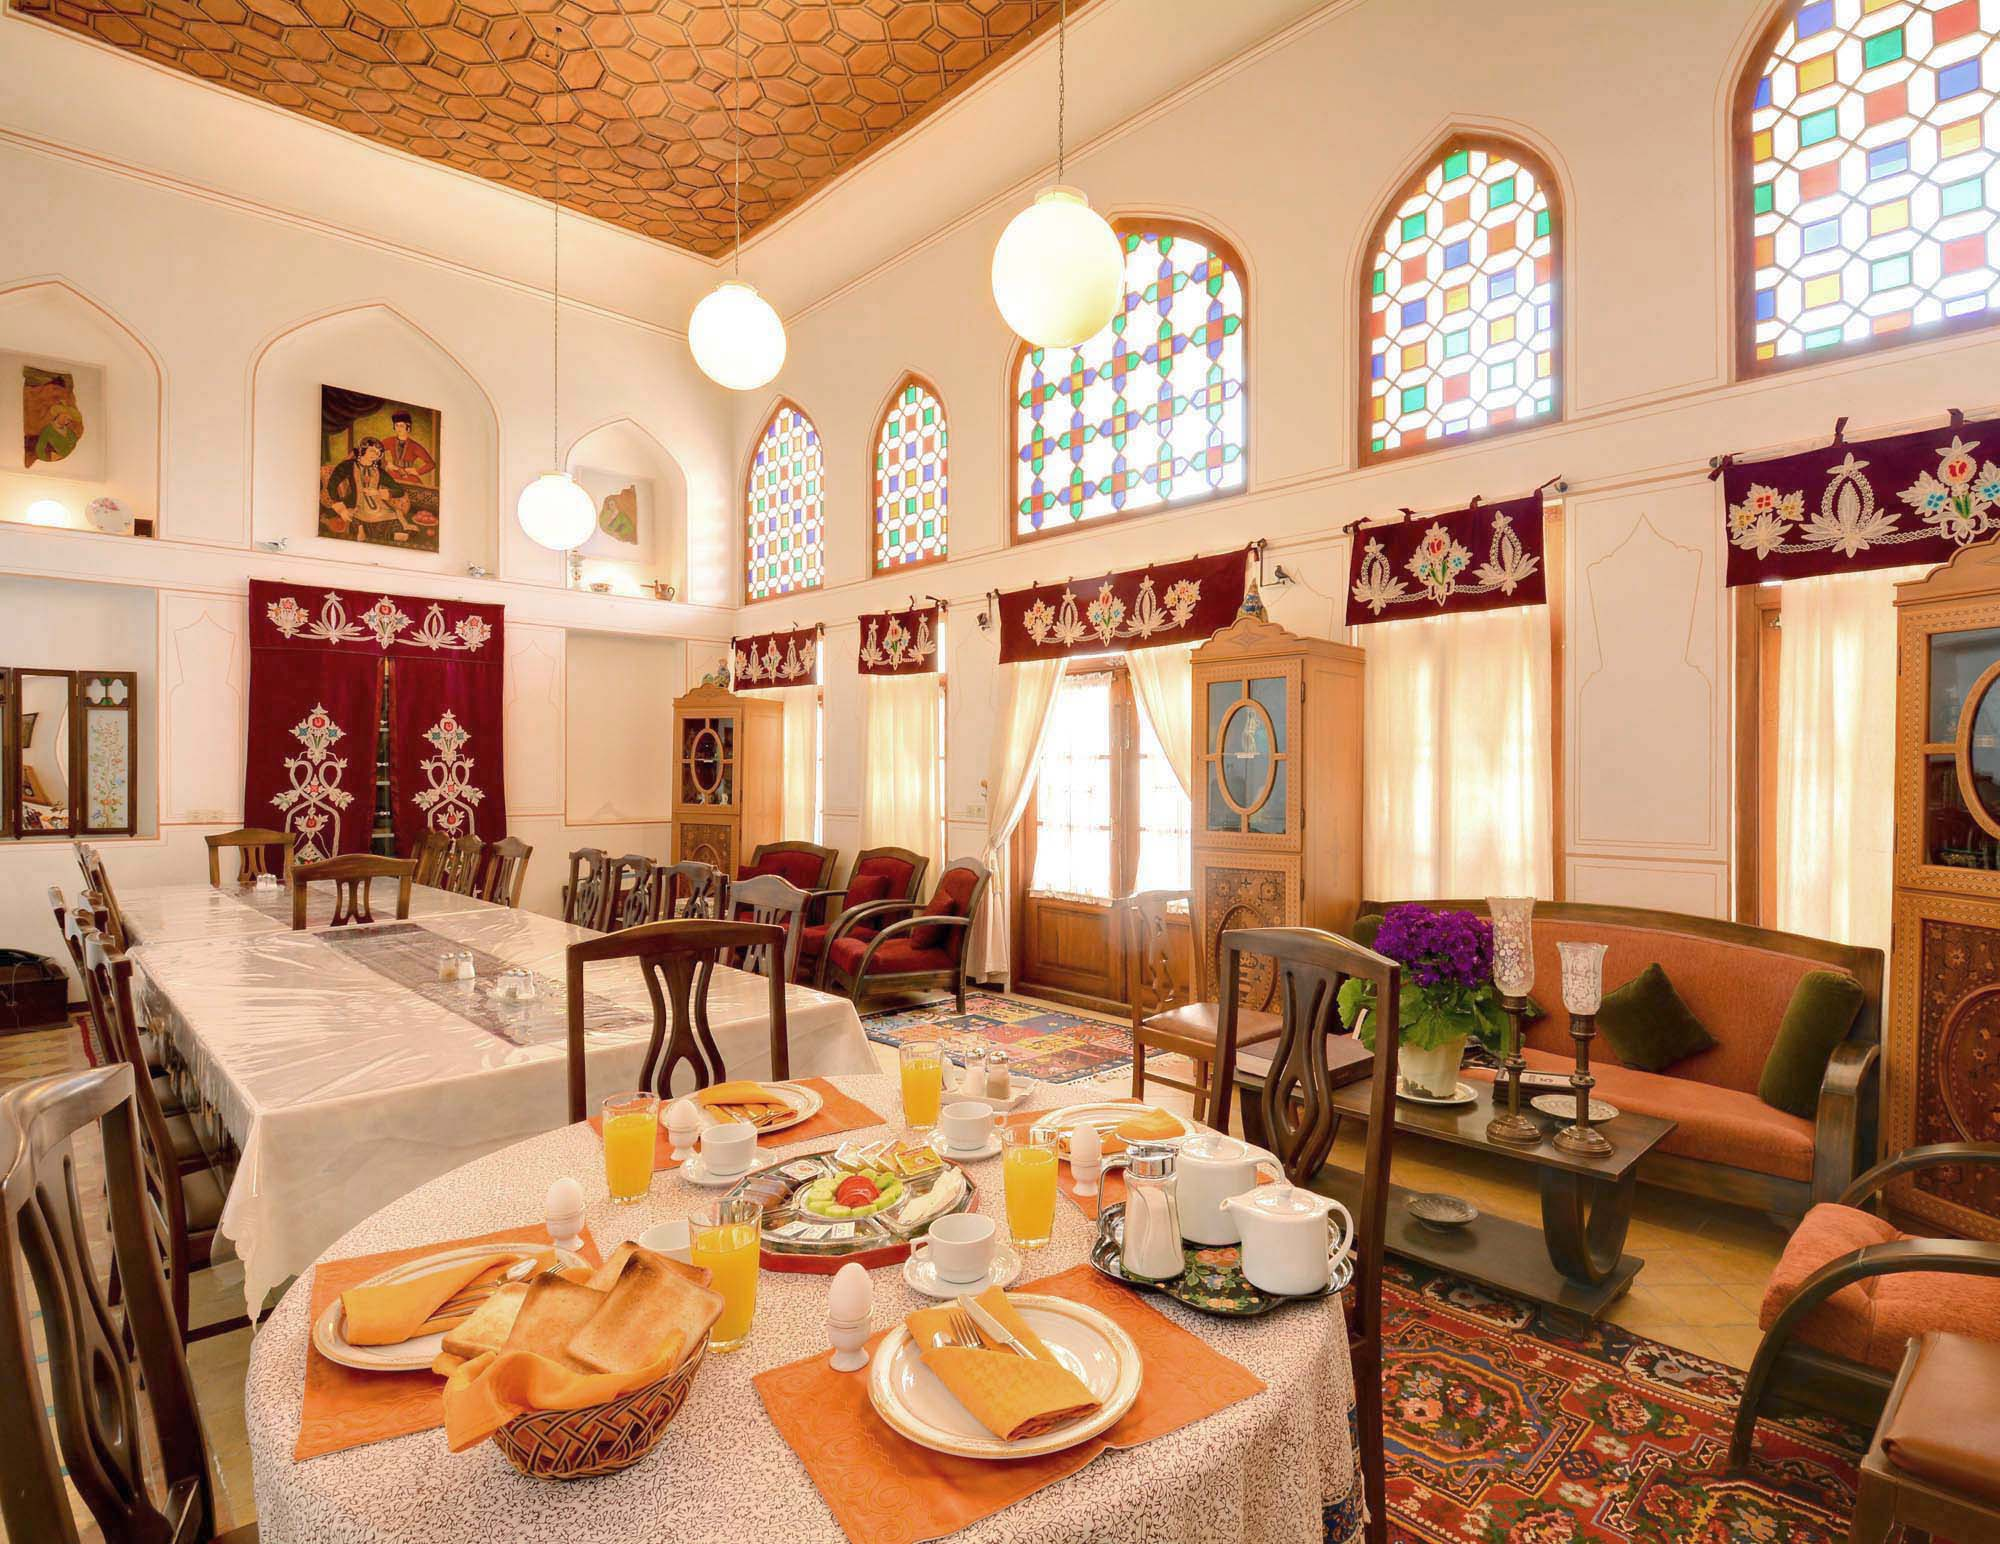 La casa storica di bekhradi friendlyiran for La mansion casa hotel apurimac